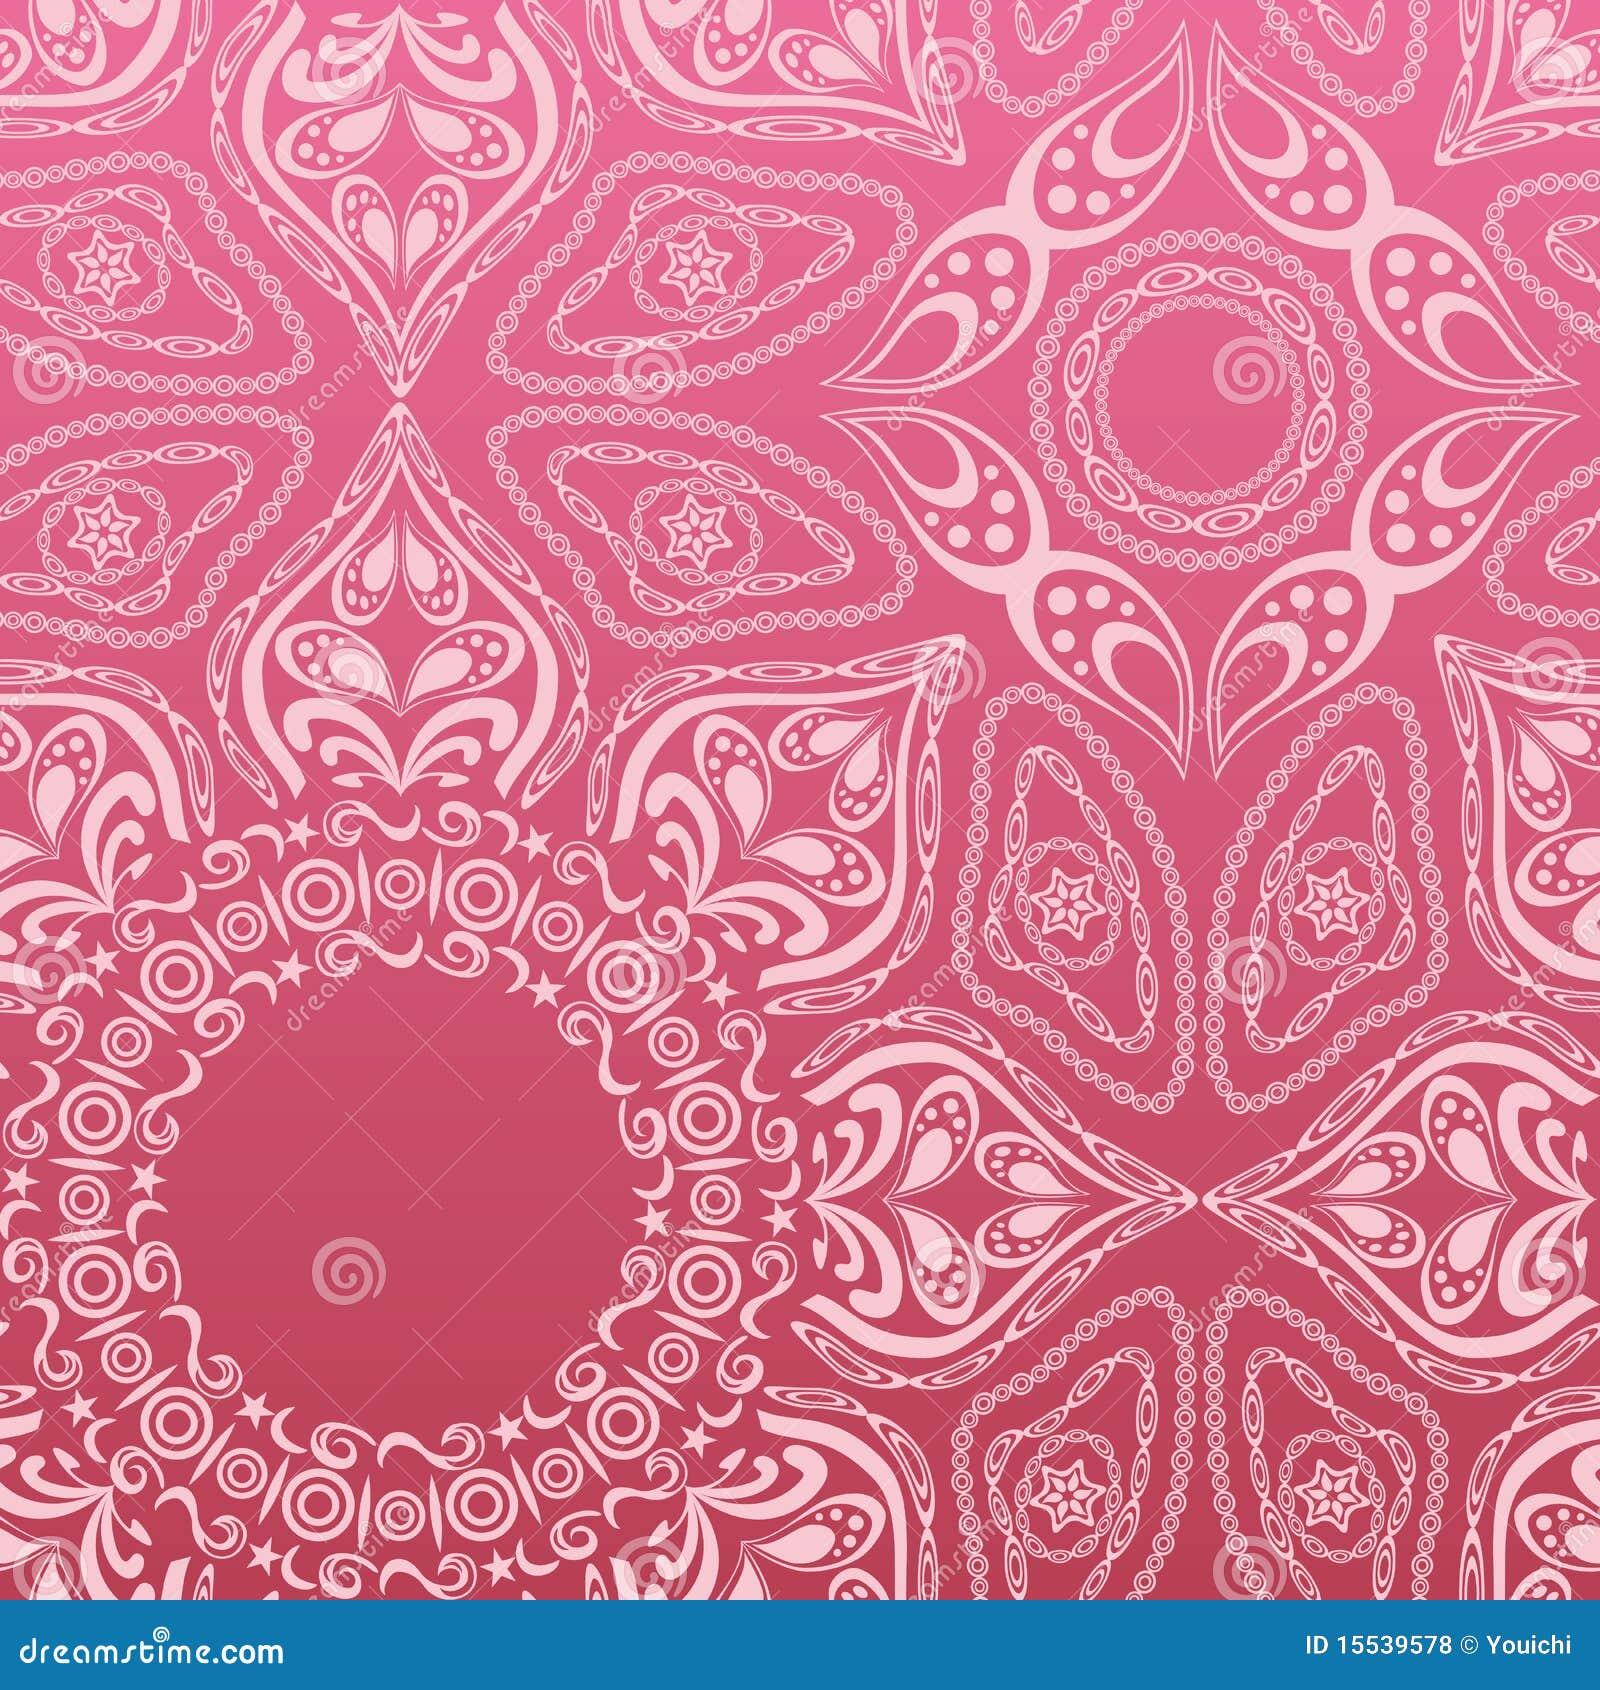 Pink Mandala Pattern Royalty Free Stock Photos Image